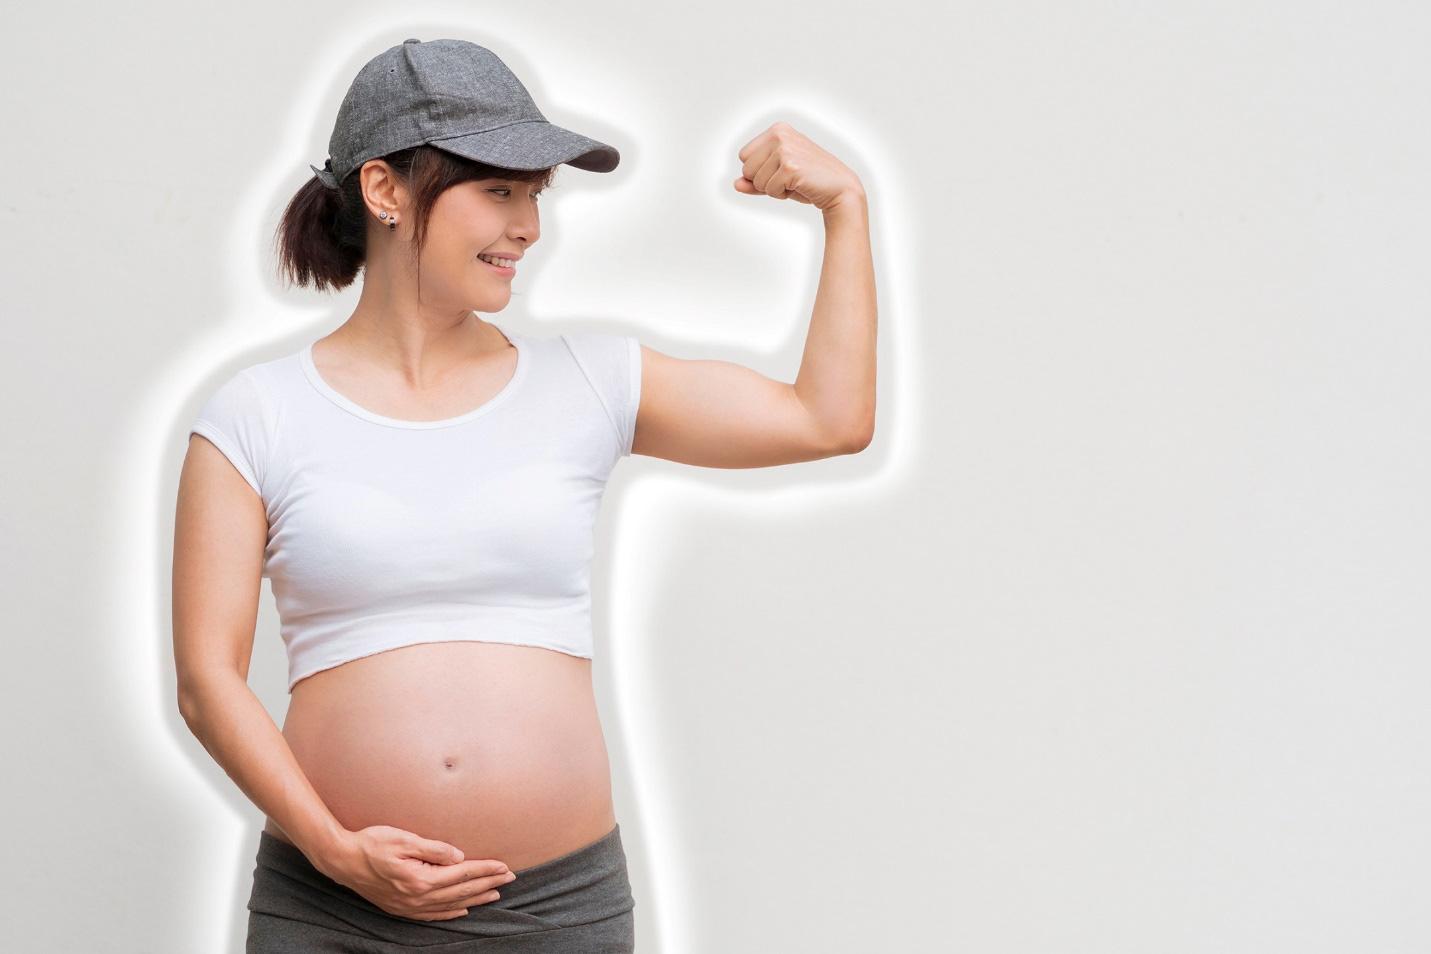 """Từ """"bình thường"""" đến """"bình thường mới"""": mẹ bầu cần """"nâng cấp"""" thói quen bảo vệ sức khỏe - Ảnh 2."""